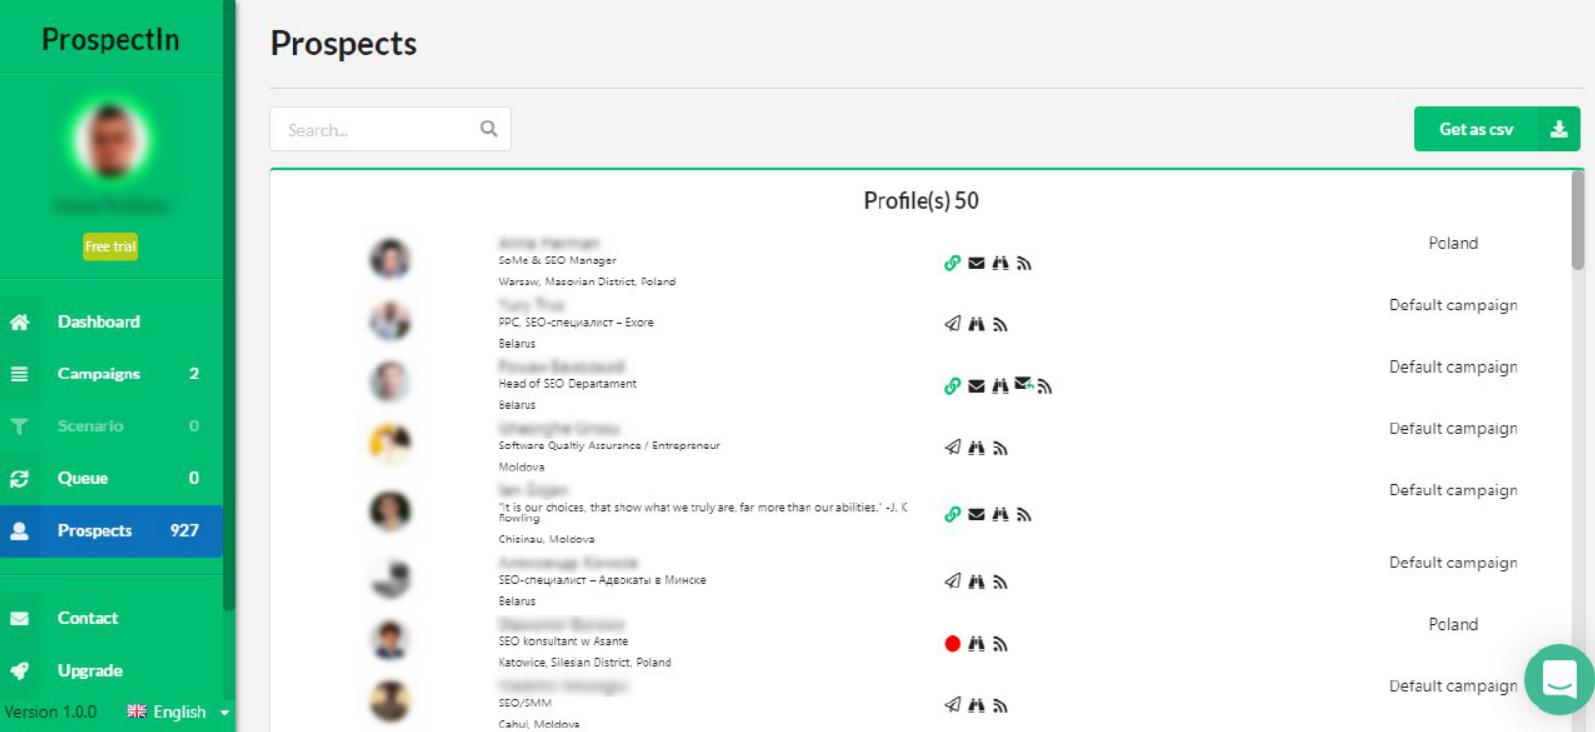 ProspectIn interface